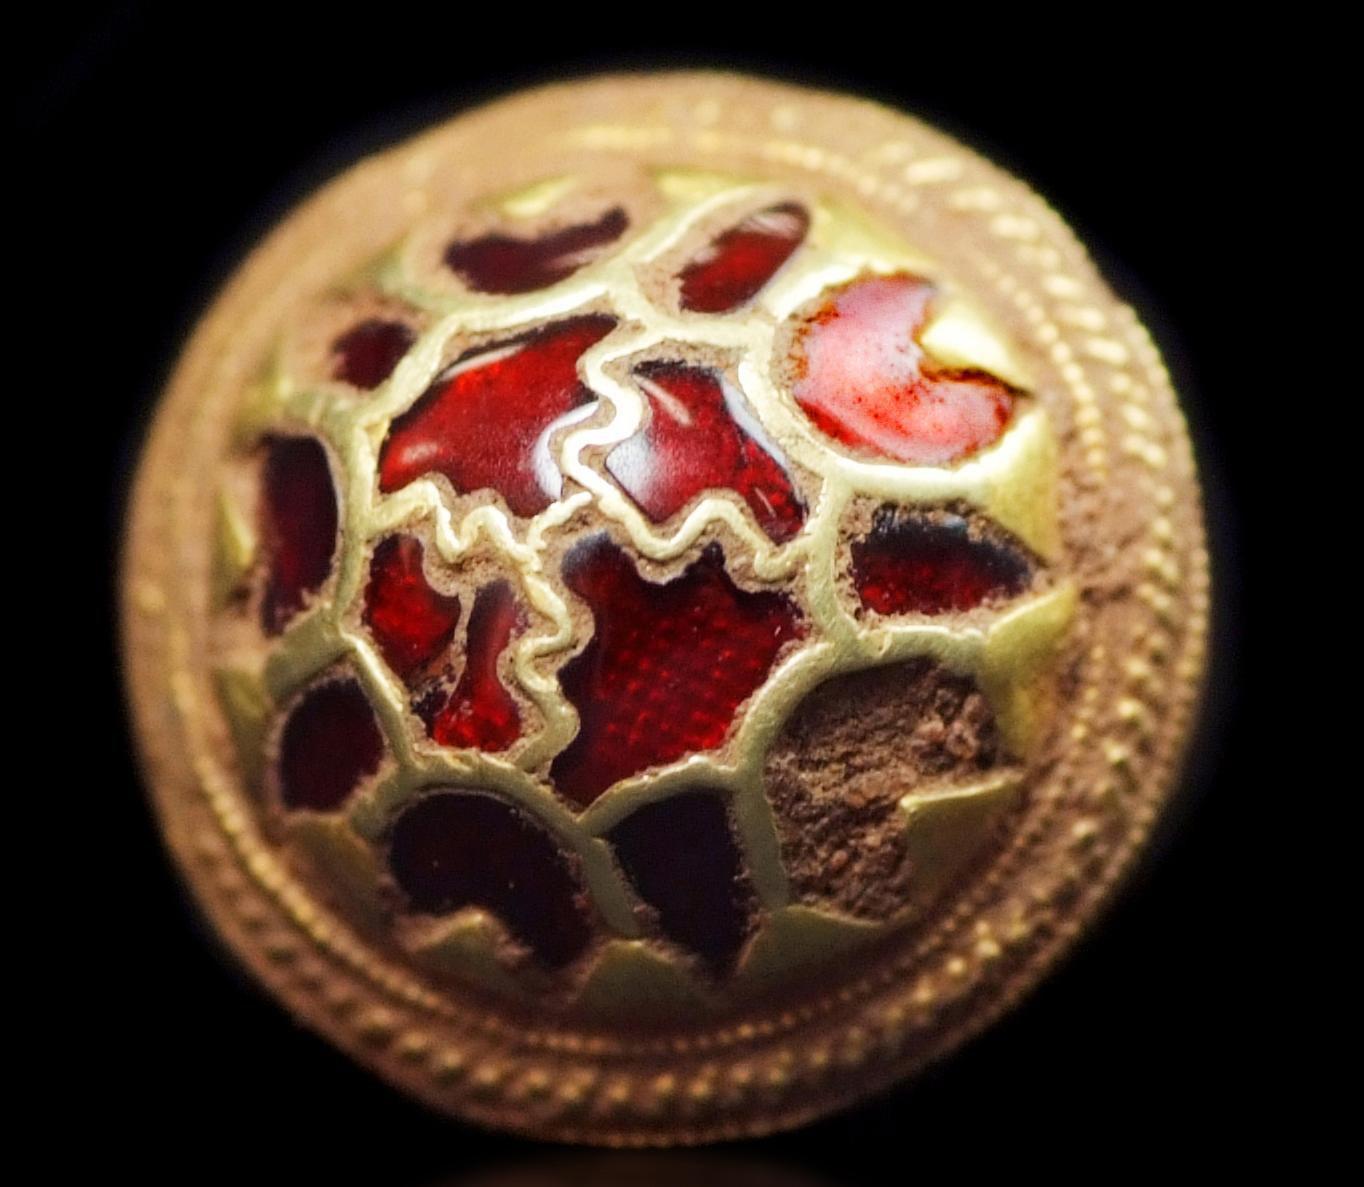 Un jefe de vaina, que era parte de un tesoro anglosajón encontrado por Terry Herbert